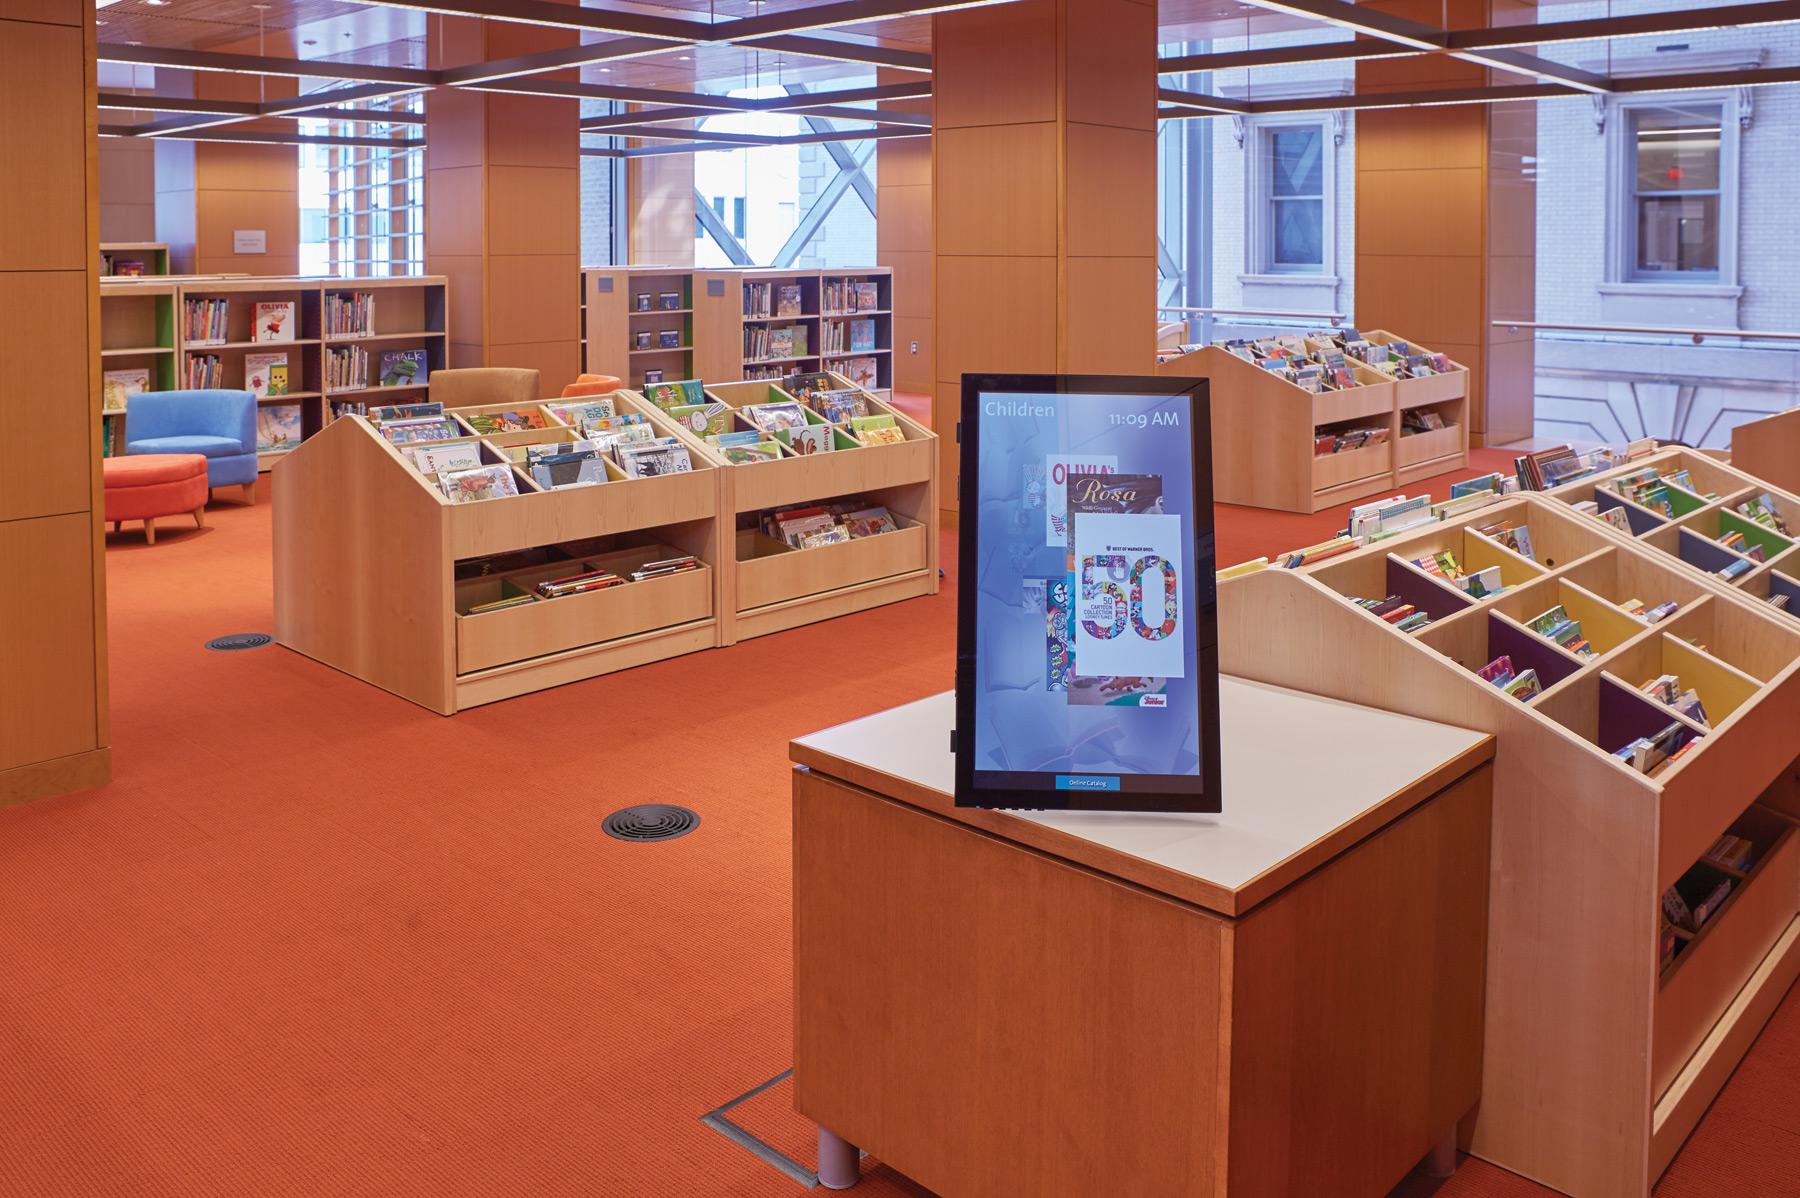 Slover Library - Childrens Digital Signage